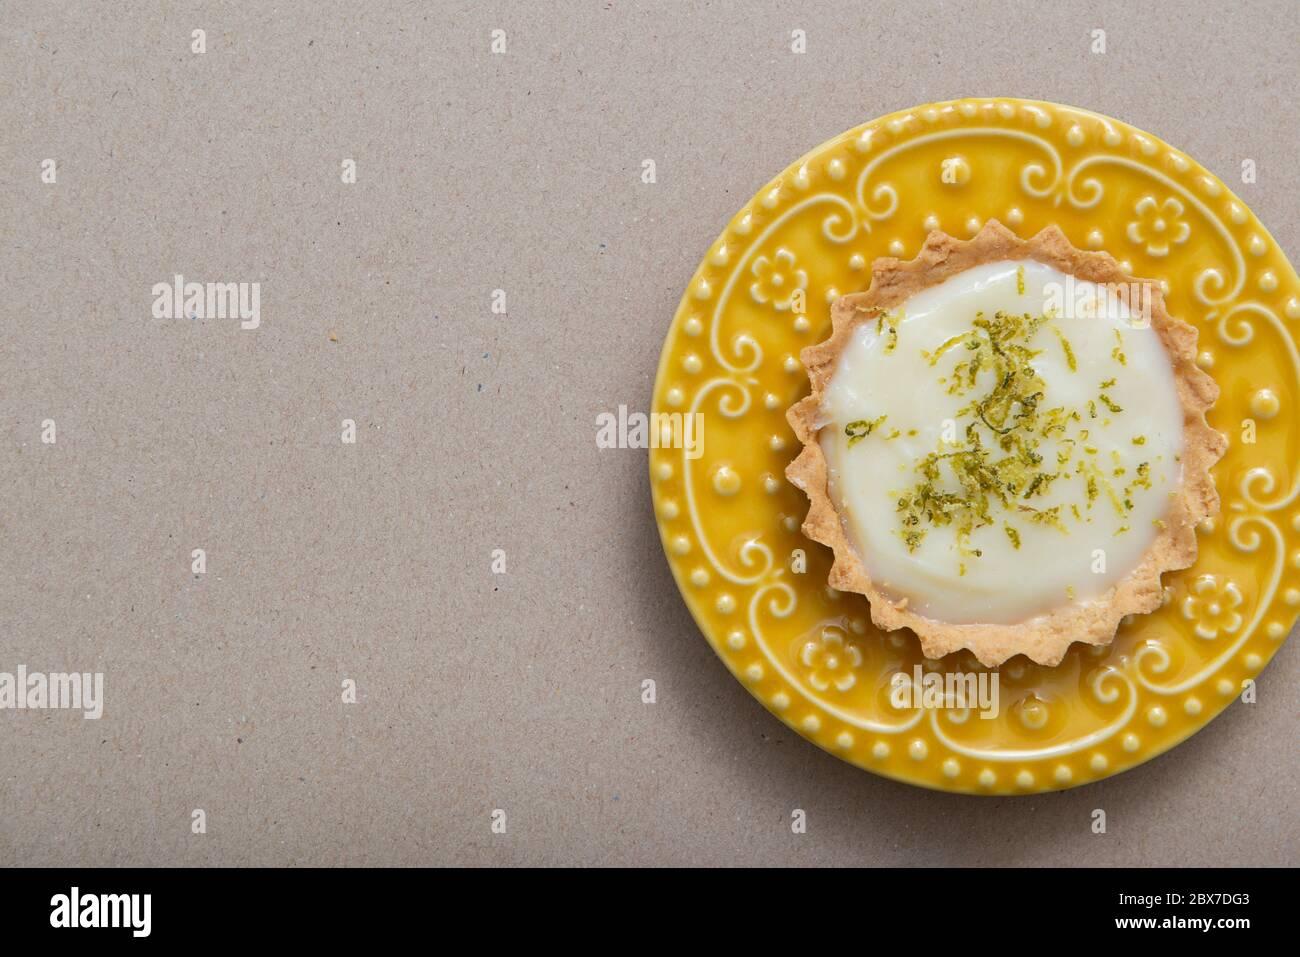 Vue de dessus de tarte au citron sur un magnifique plat jaune vintage avec une tranche de citron. Grand espace blanc pour le texte. Copier l'espace. Banque D'Images